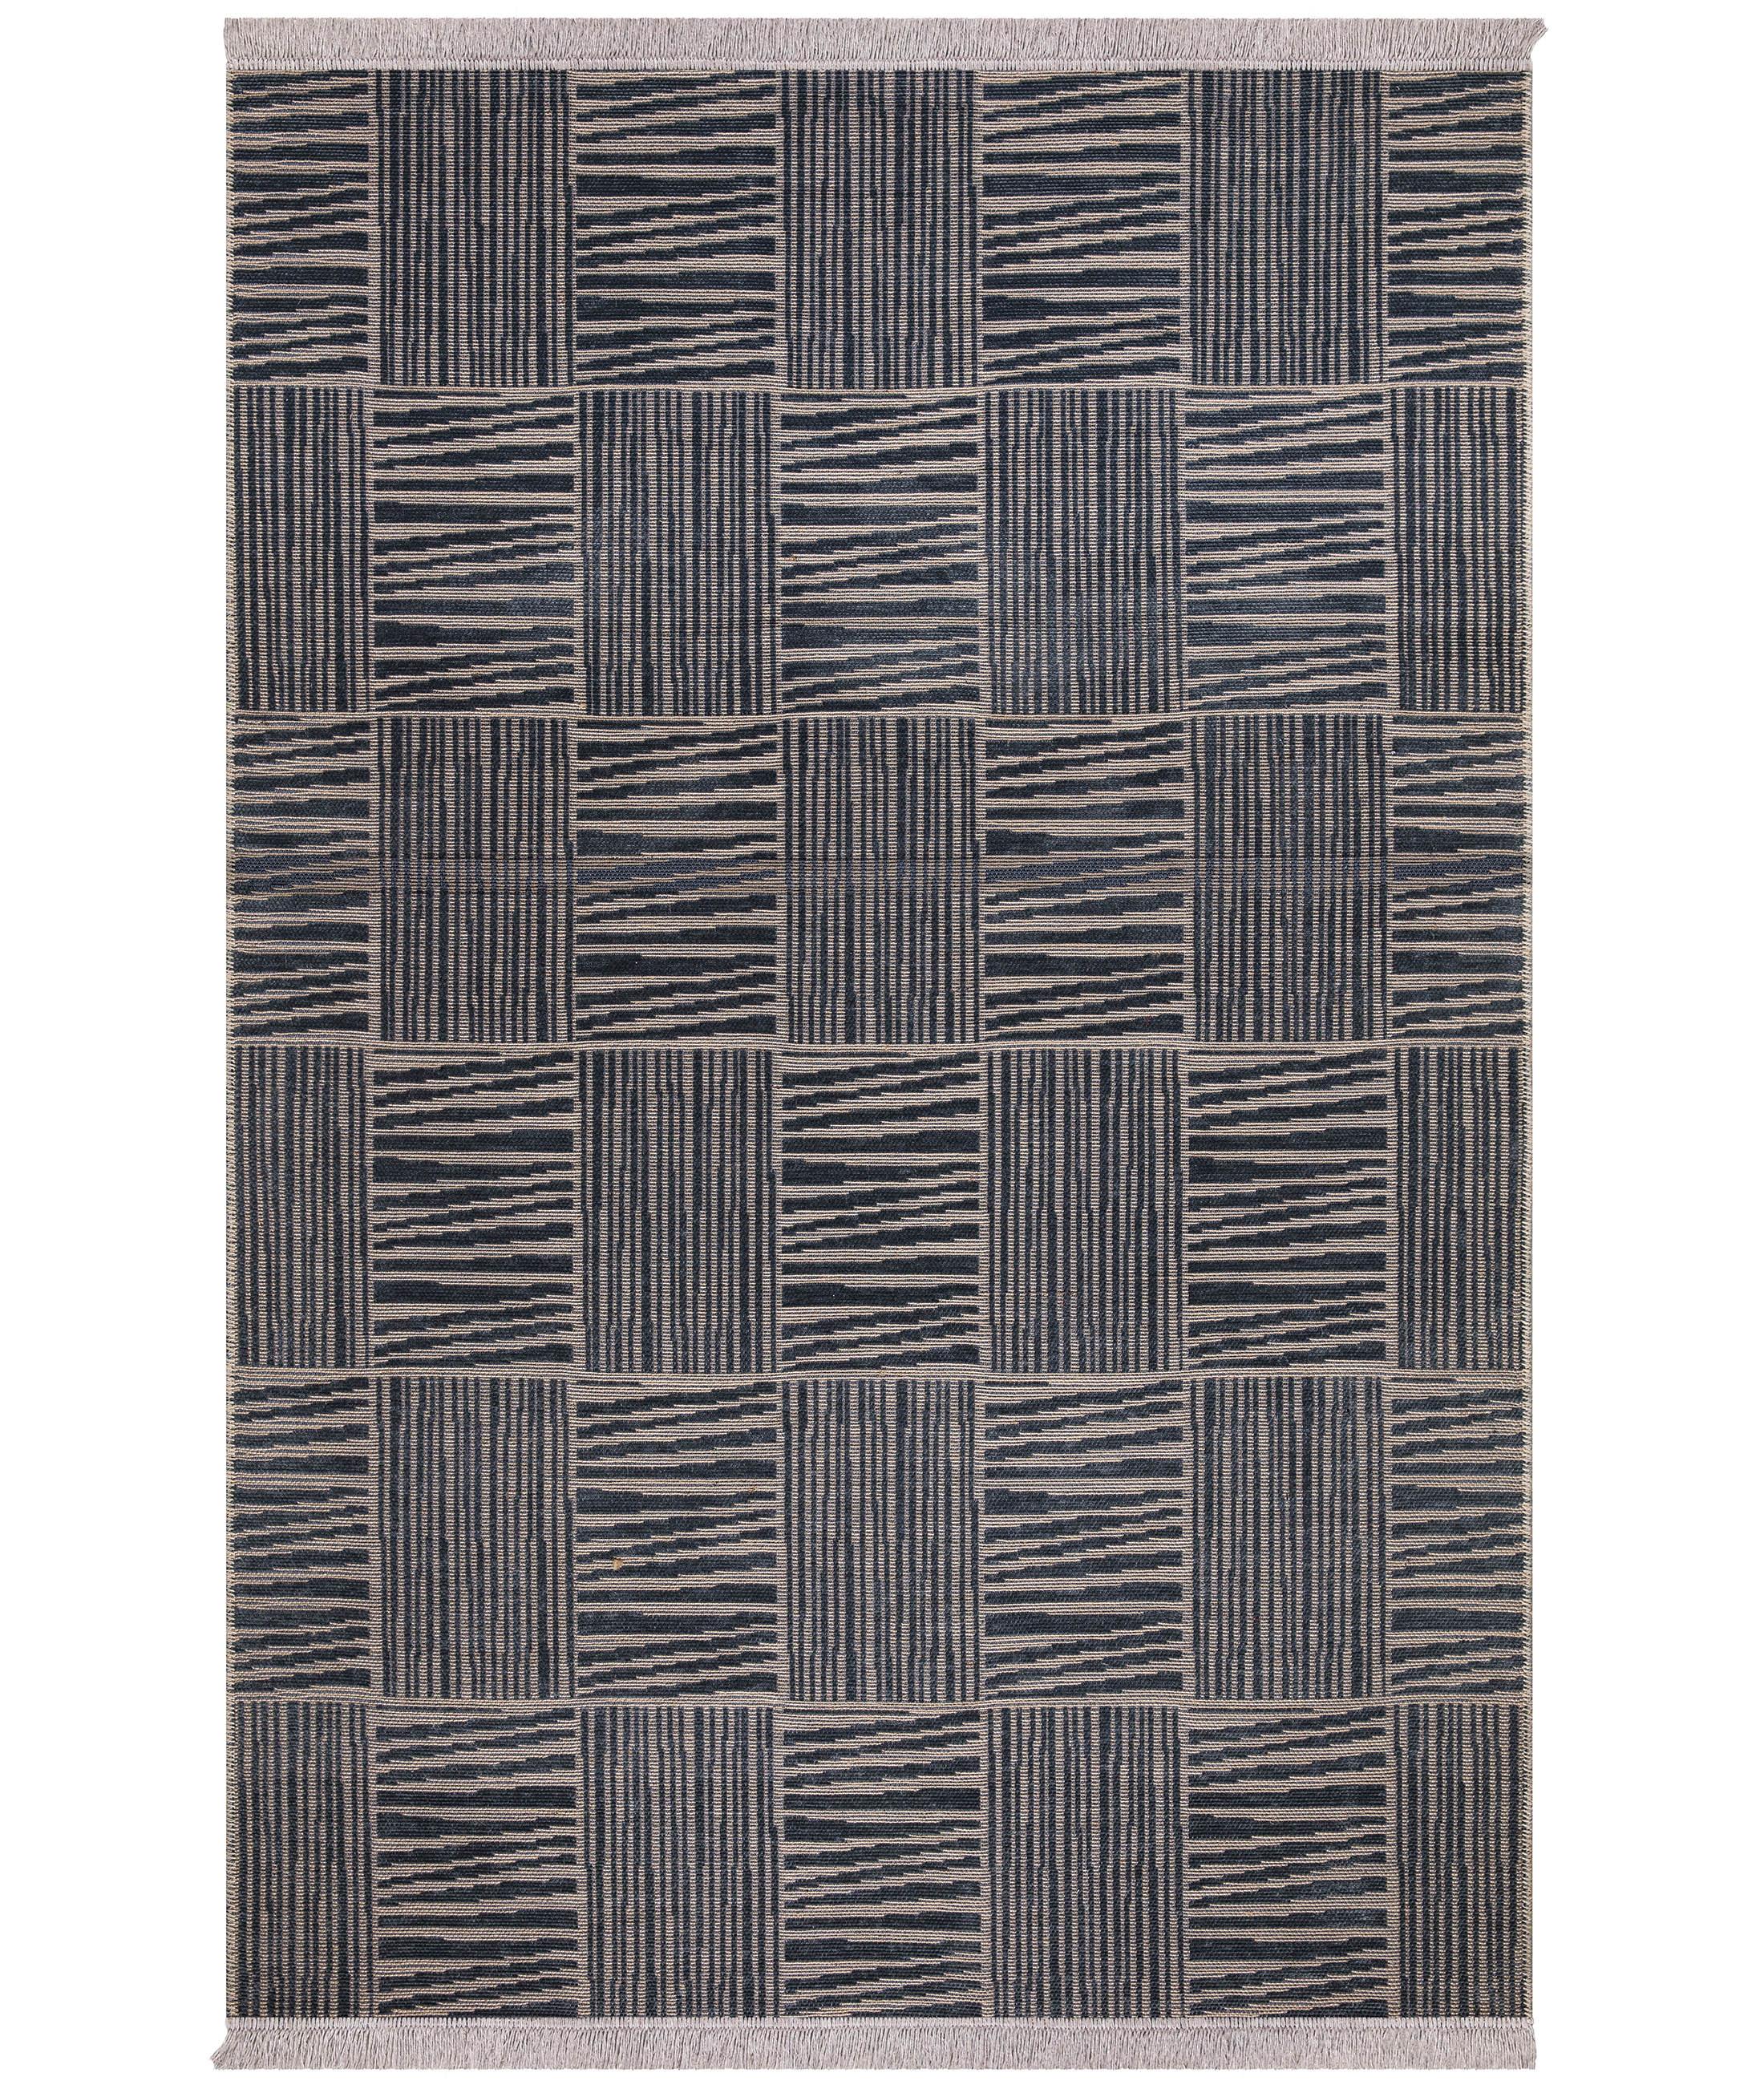 Rosso Anthracite Carpet 23043A